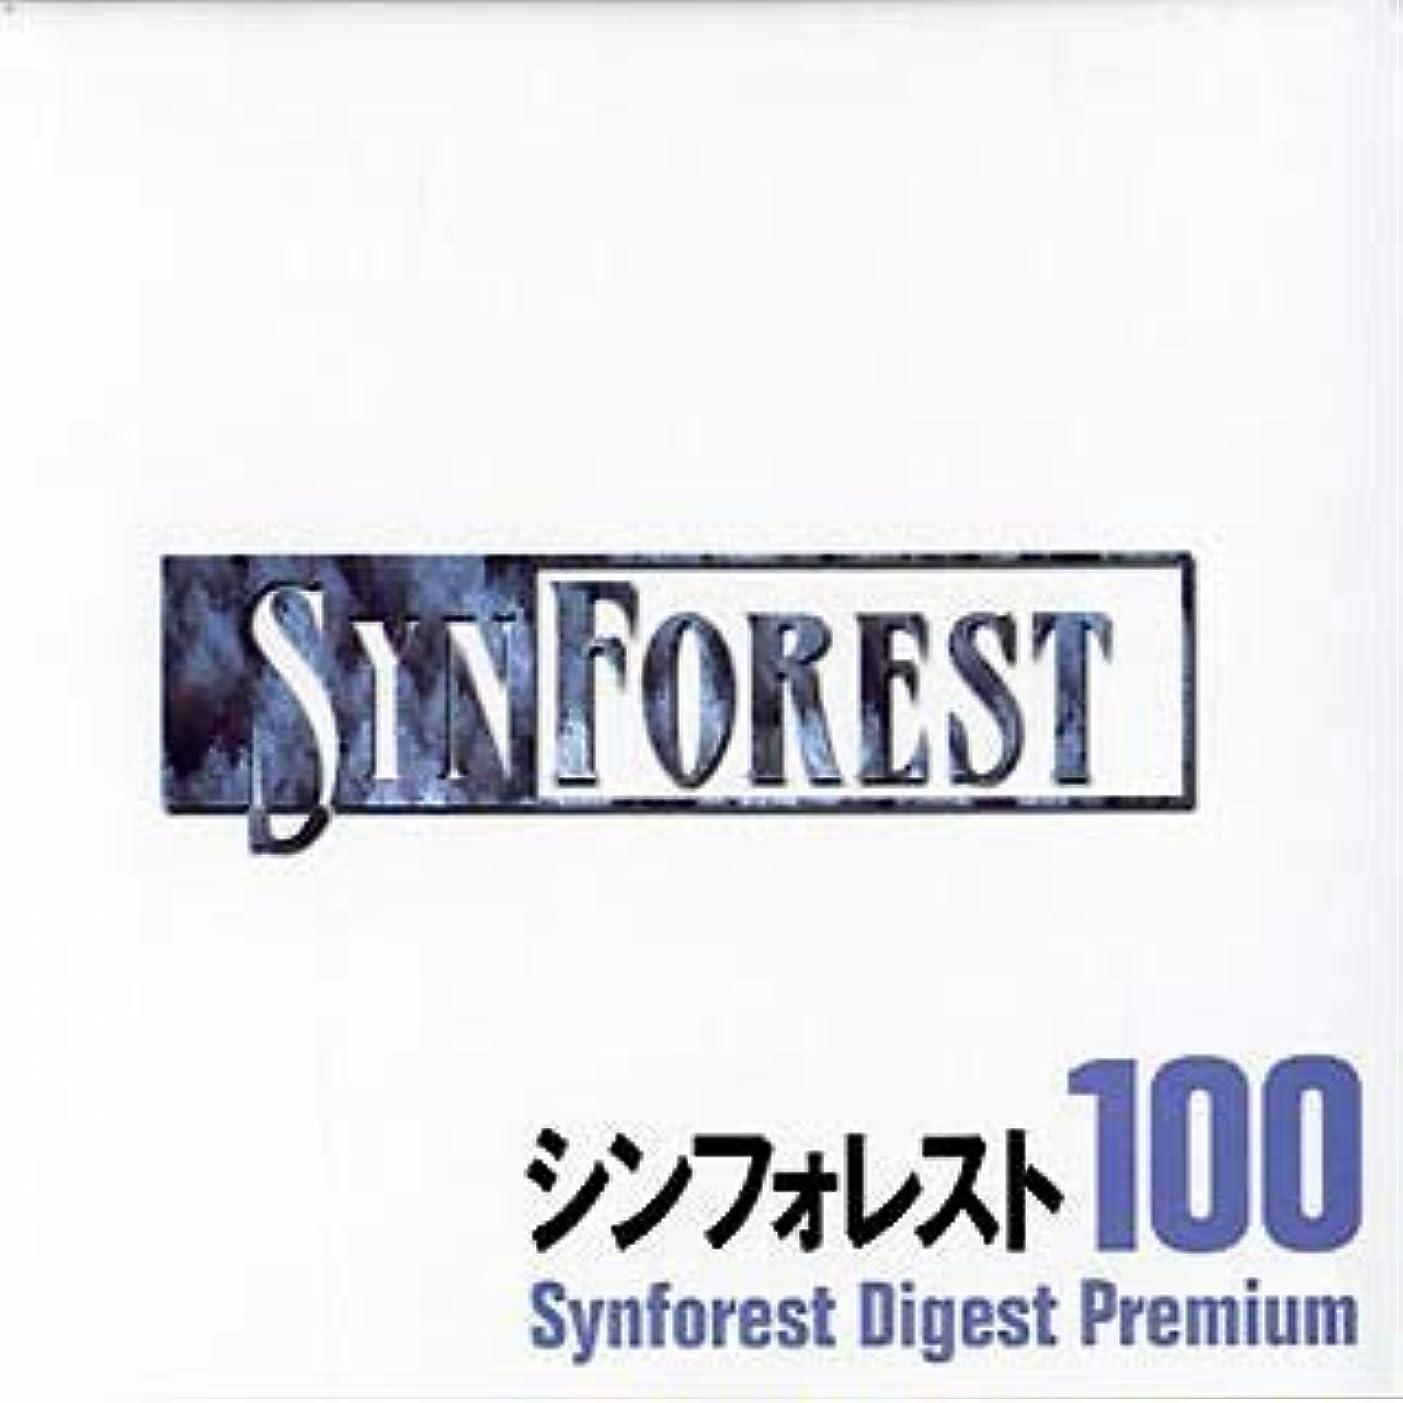 戻す車両見込みシンフォレスト 100 Synforest Digest Premium